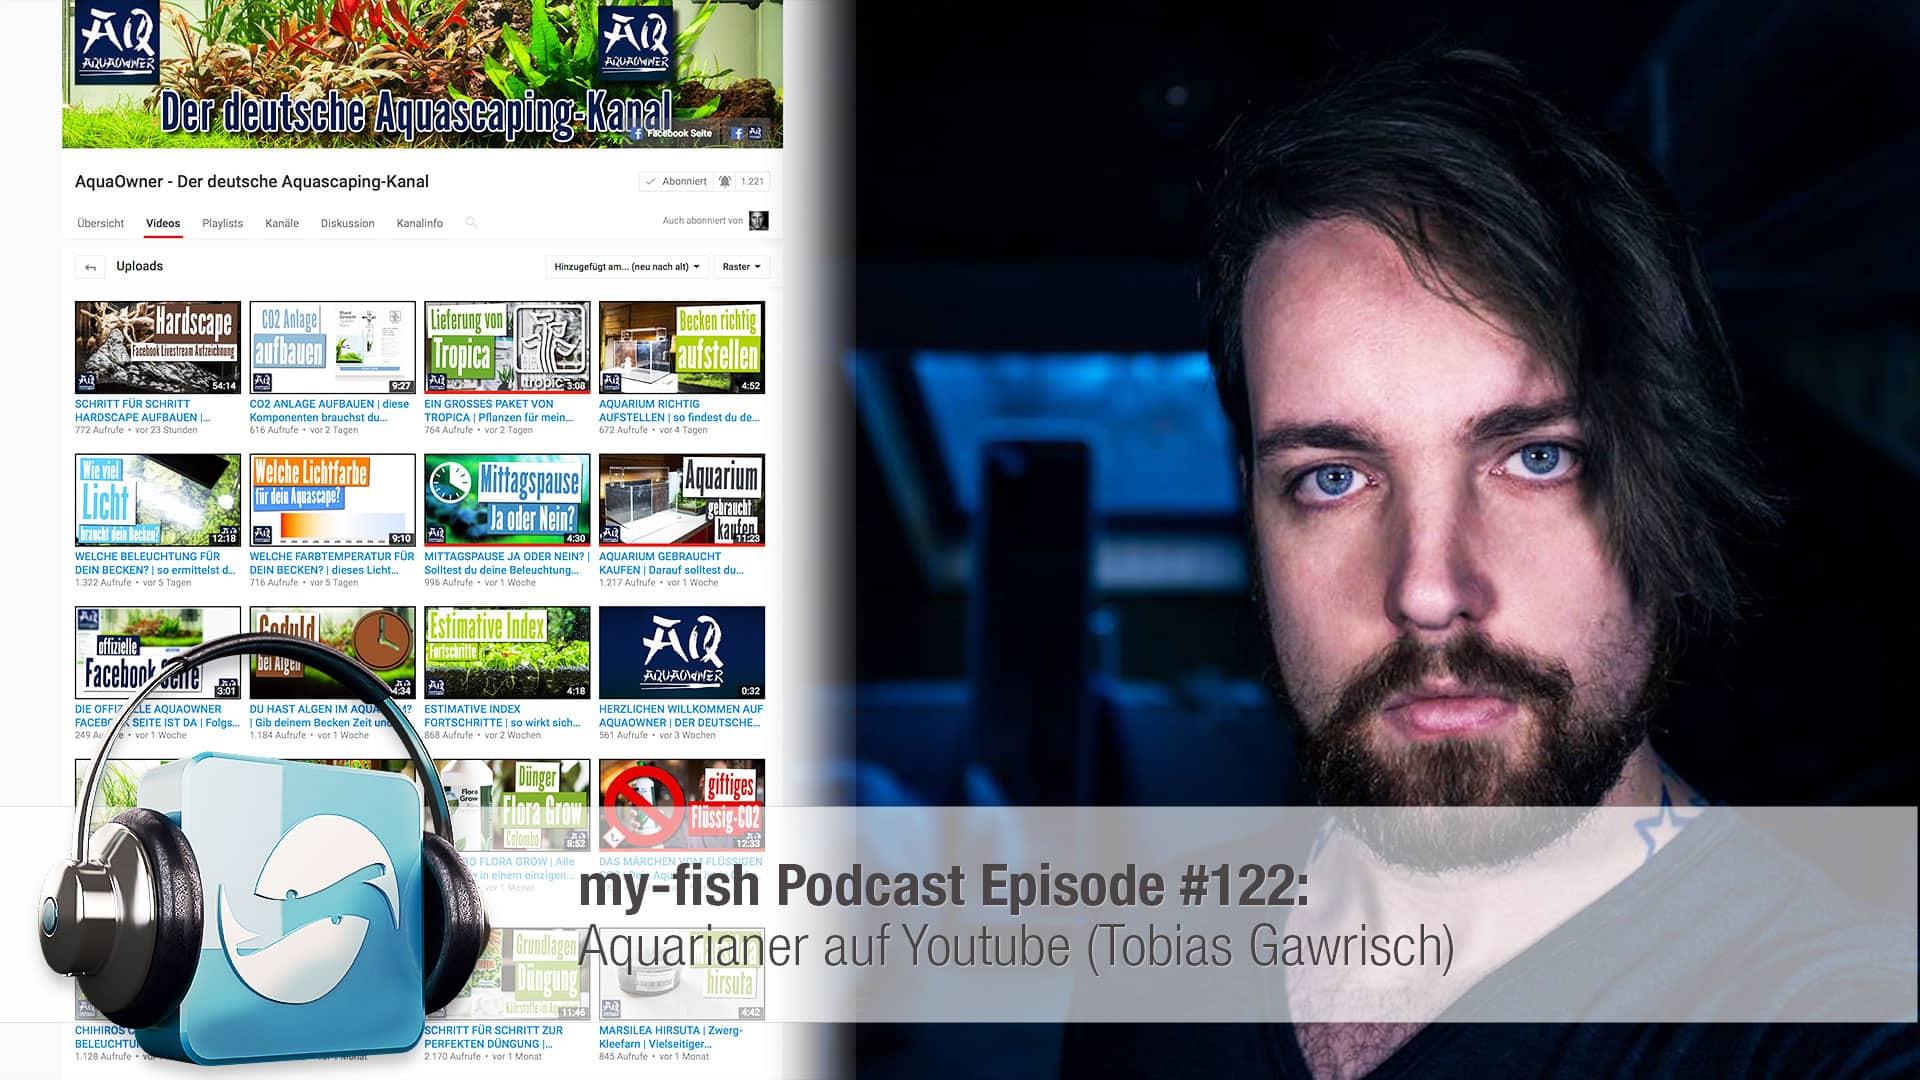 Podcast Episode #122: Aquarianer auf Youtube (Tobias Gawrisch) 1